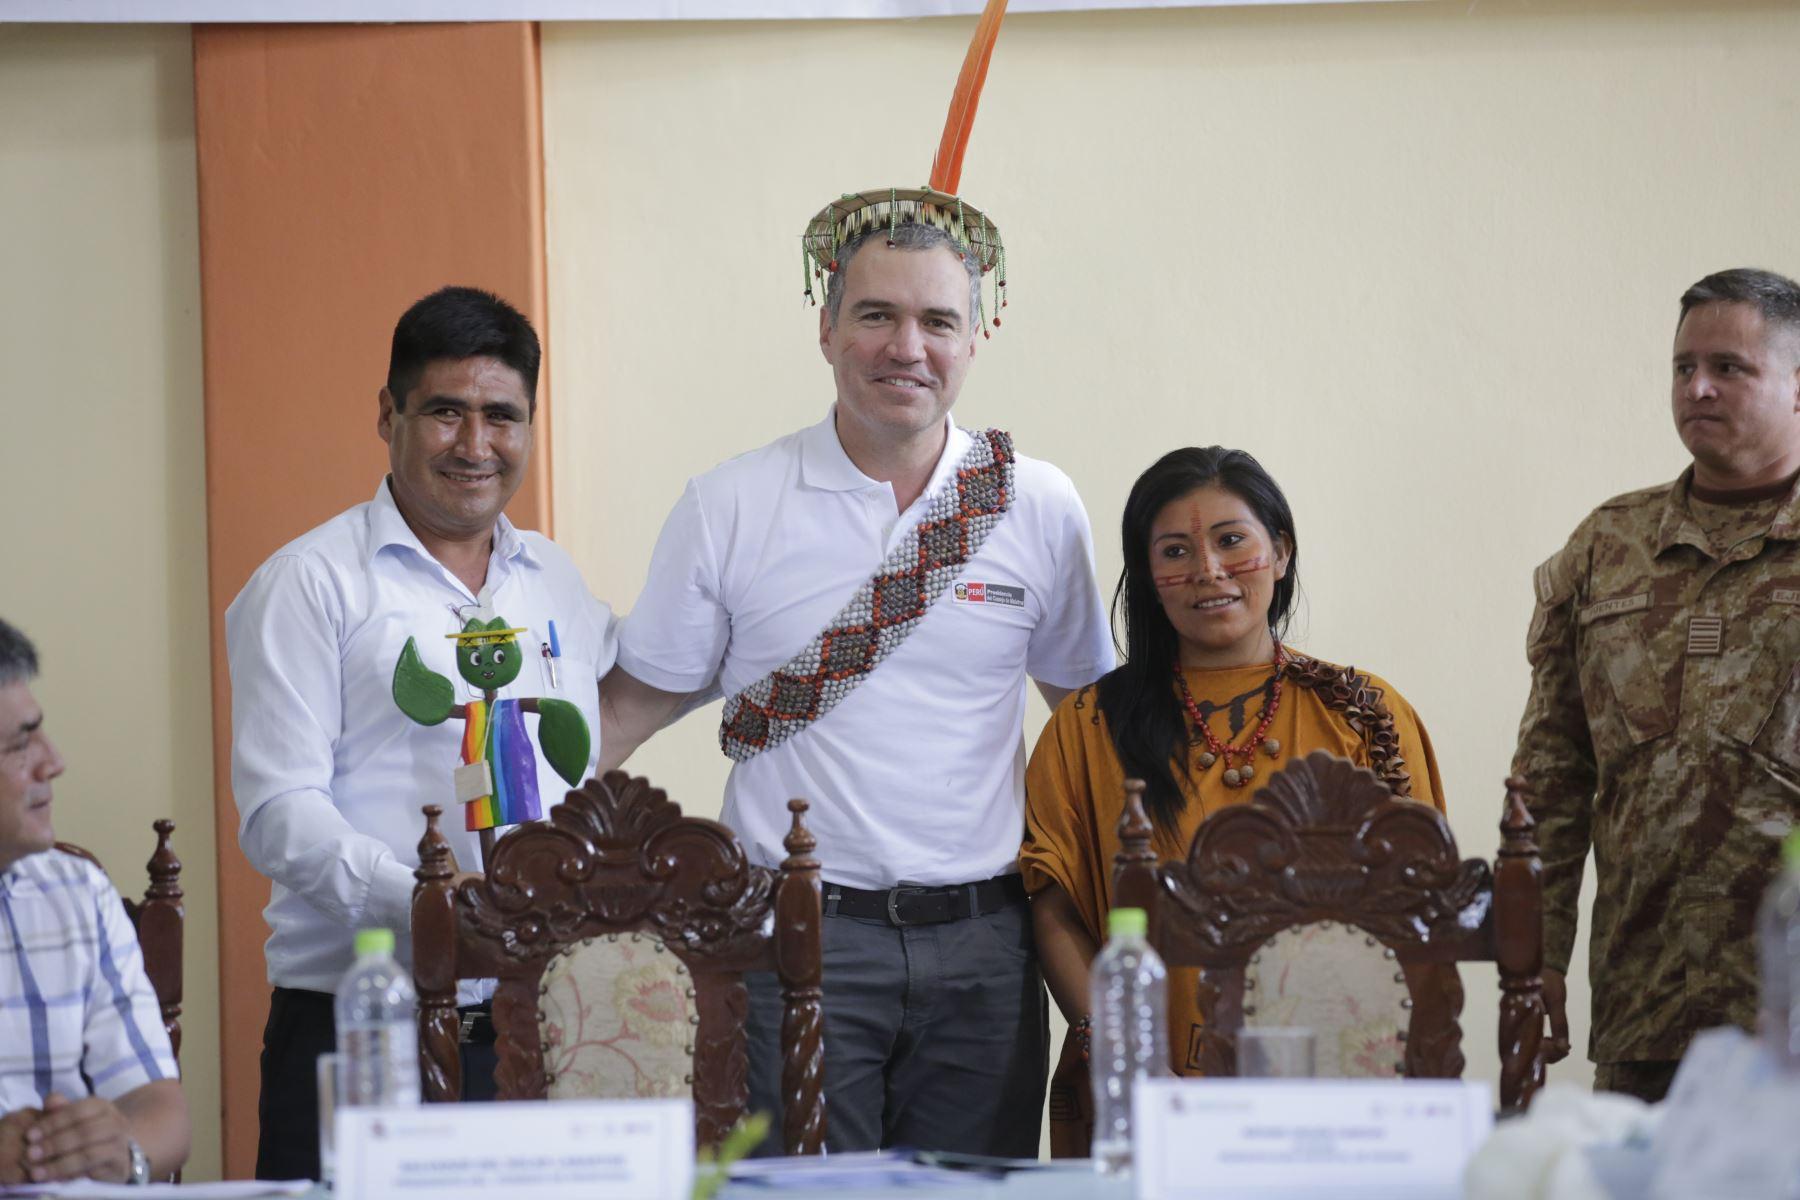 El presidente del Consejo de Ministros, Salvador del Solar, participó en una mesa de trabajo entre el Gobierno Central y las autoridades de la Mancomunidad Regional de Los Andes, en el Vraem. Foto: ANDINA/PCM.